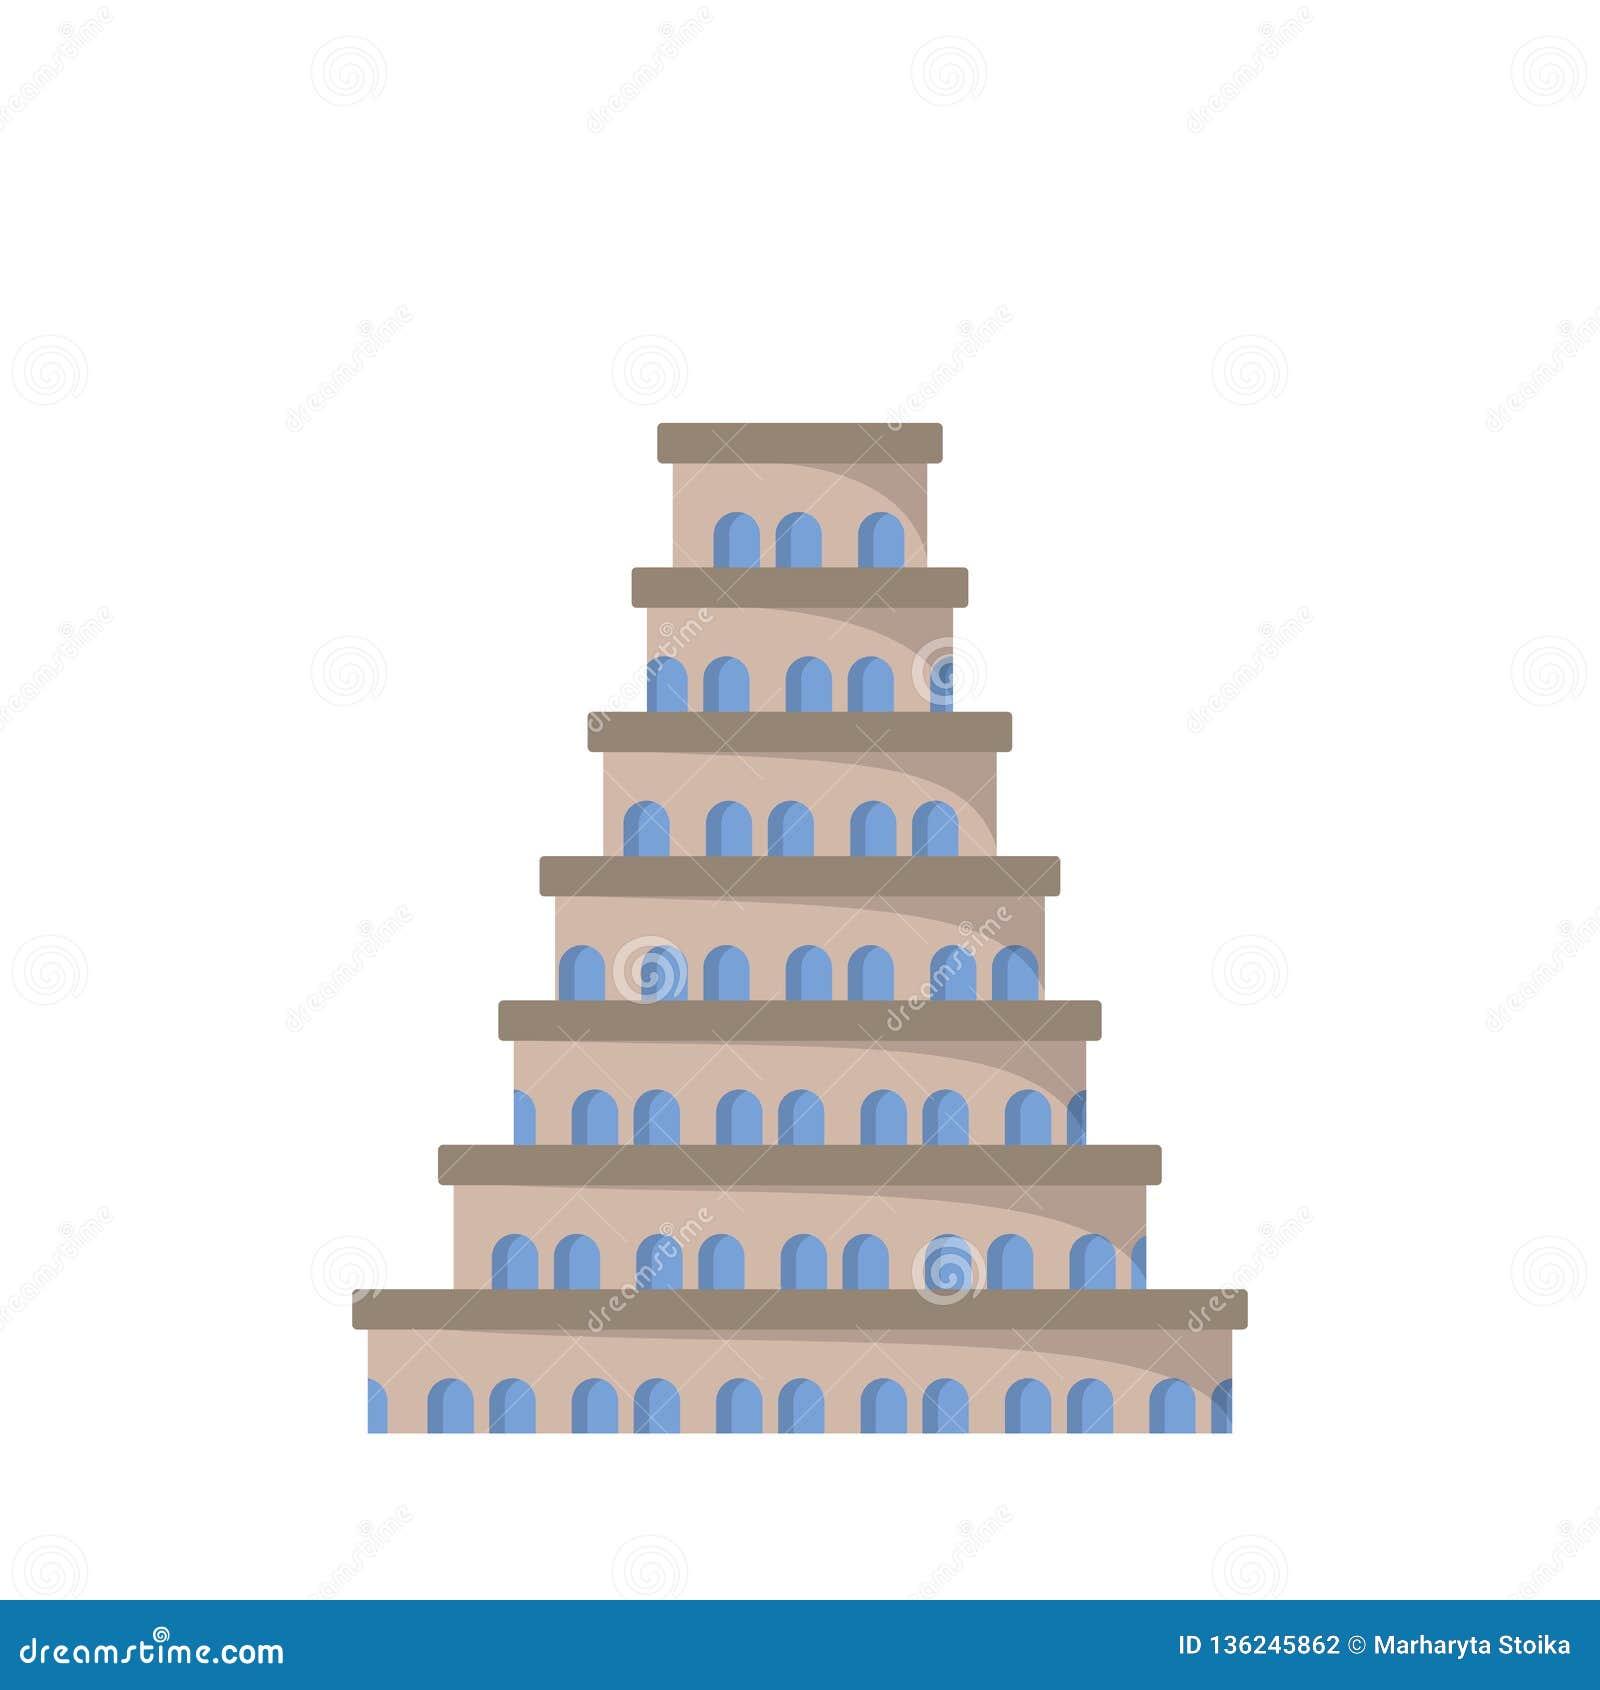 Icono plano de la torre de Babel